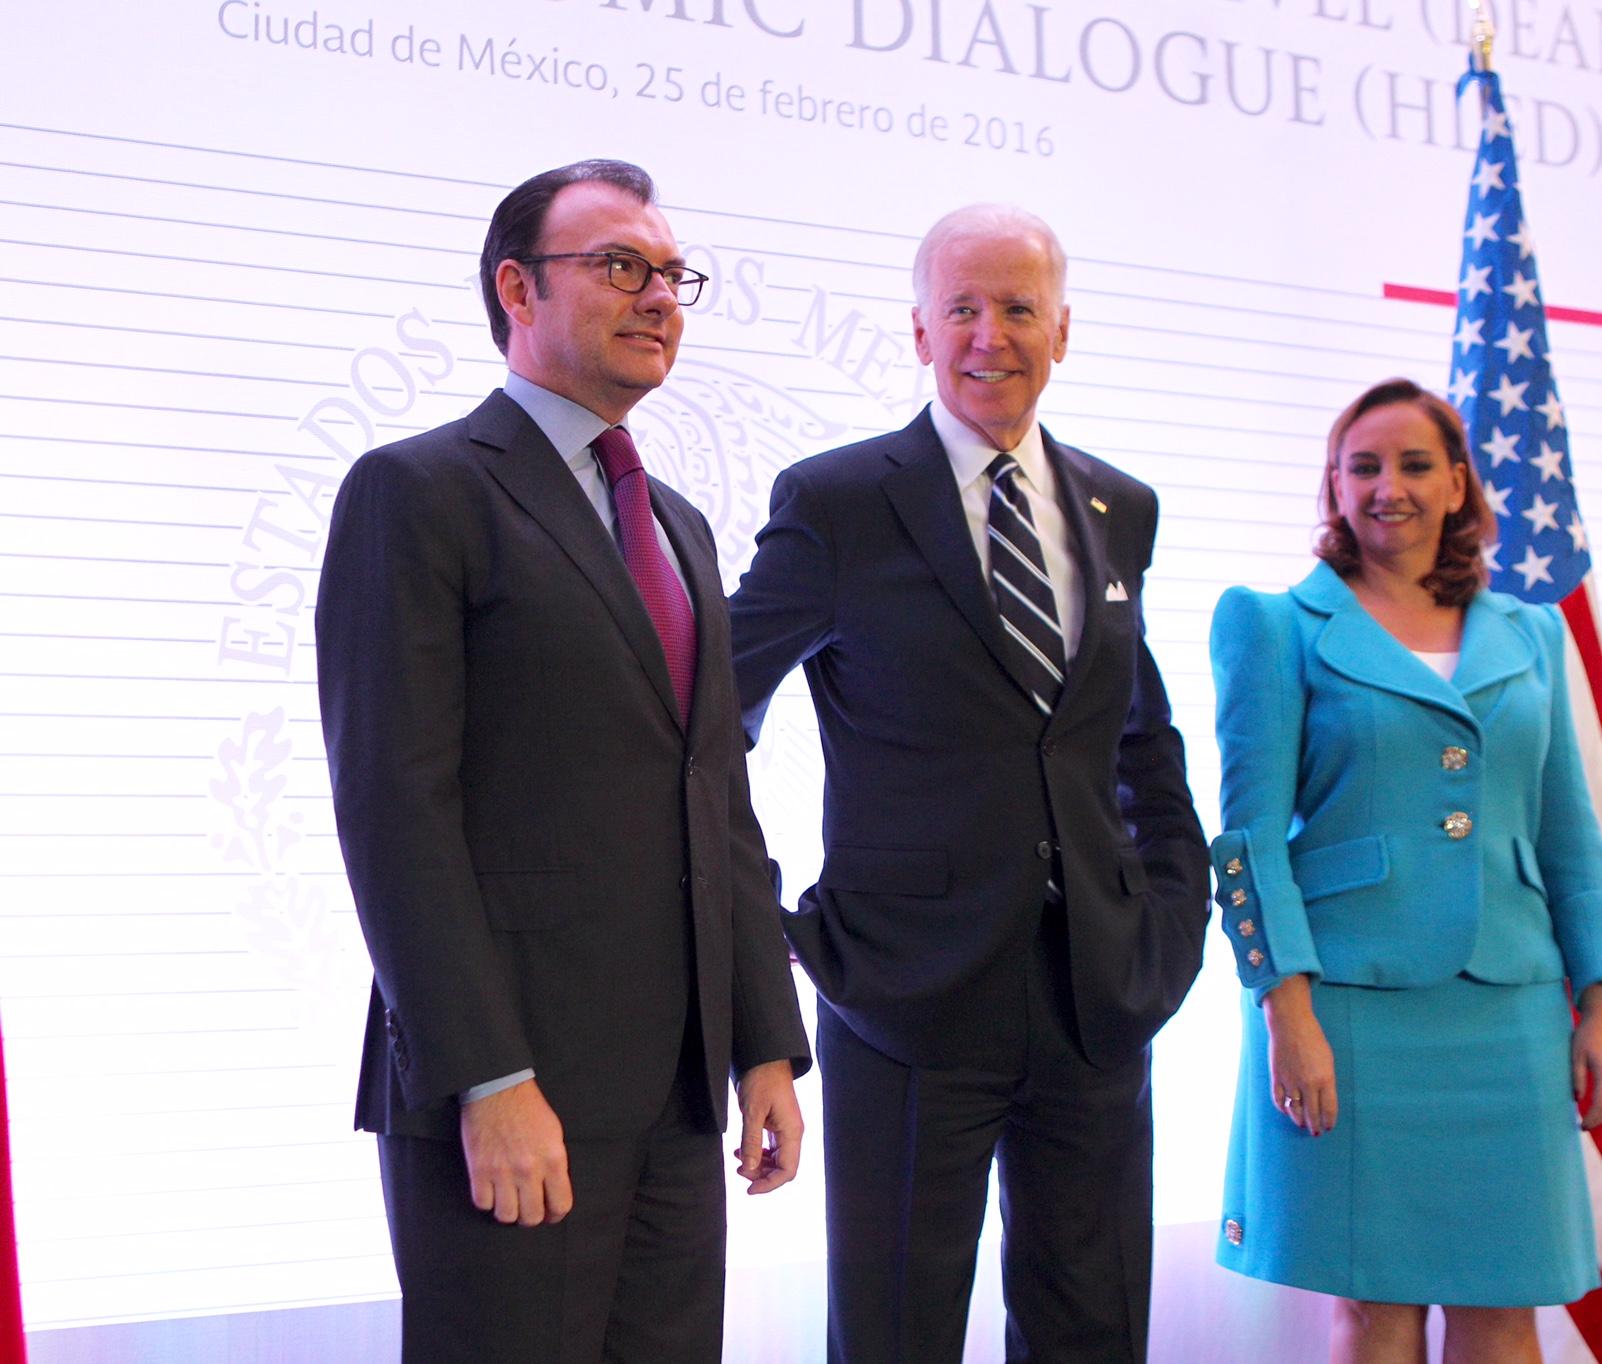 FOTO 3 Secretario Luis Videgaray  Vicepresidente Joseph Biden y la Canciller Claudia Ruiz Massieu en la reuni n del DEANjpg